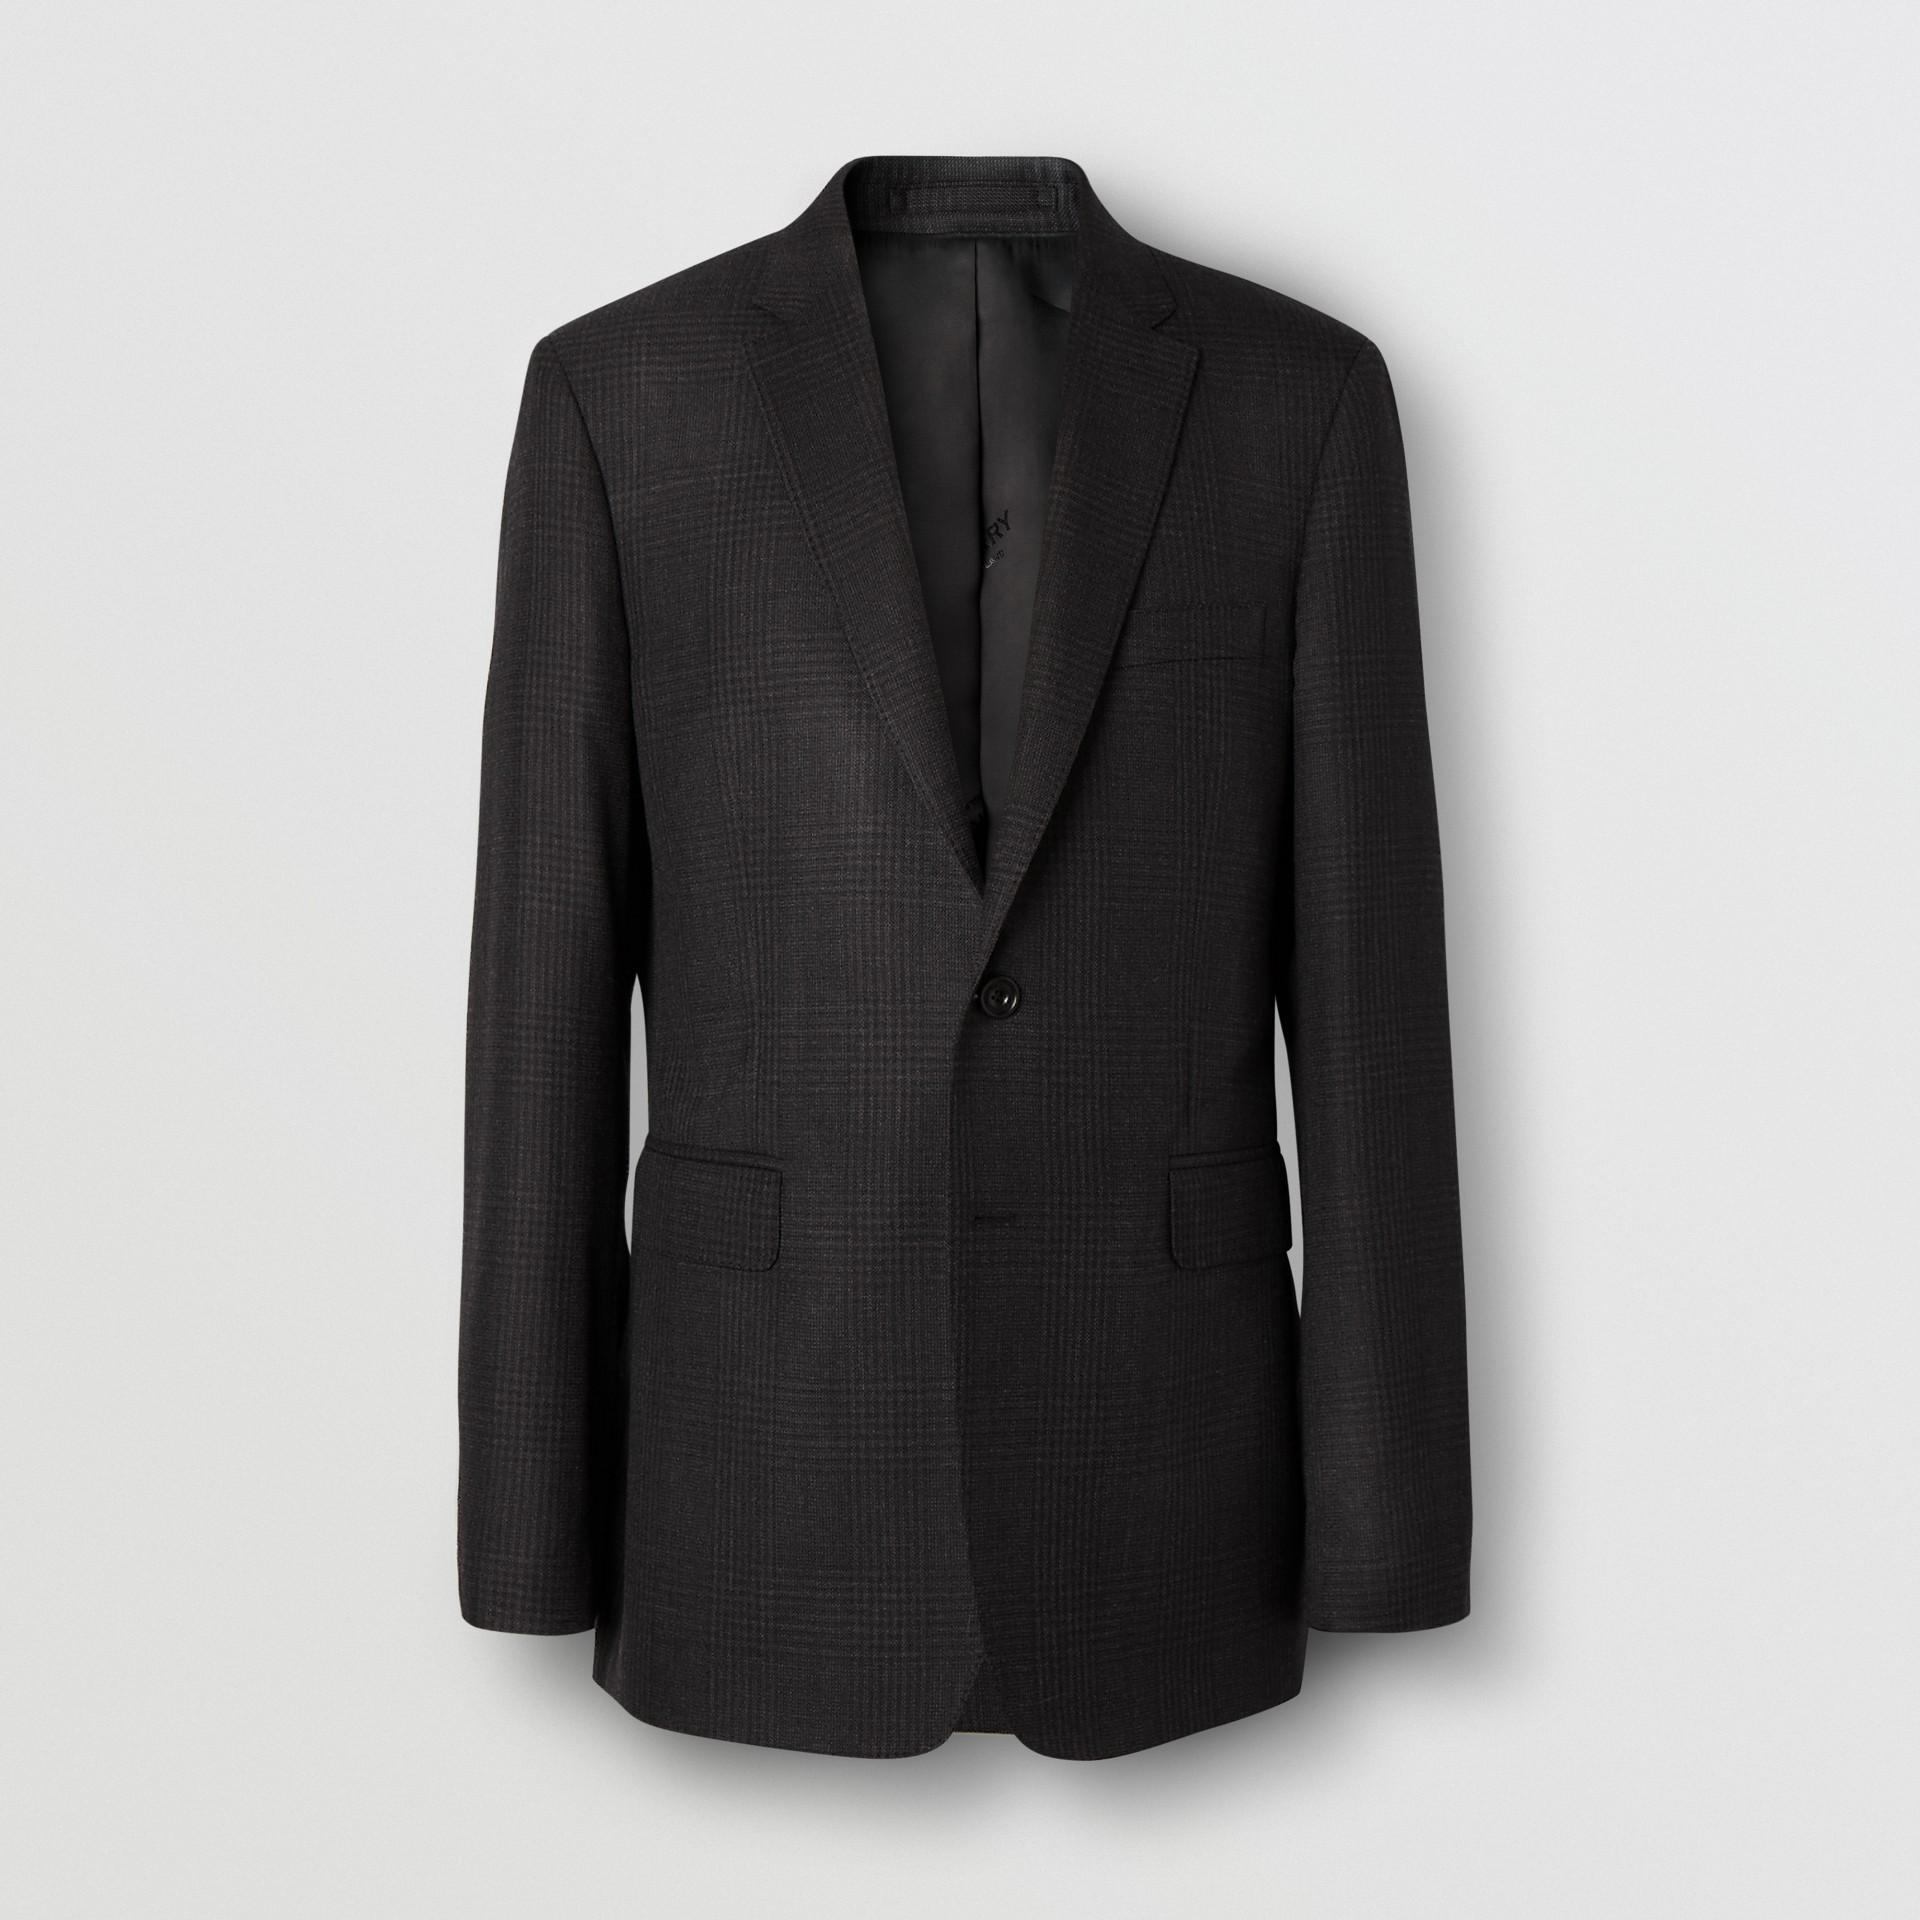 スリムフィット プリンス オブ ウェールズ チェック ウールスーツ (ダークグレー) - メンズ | バーバリー - ギャラリーイメージ 3